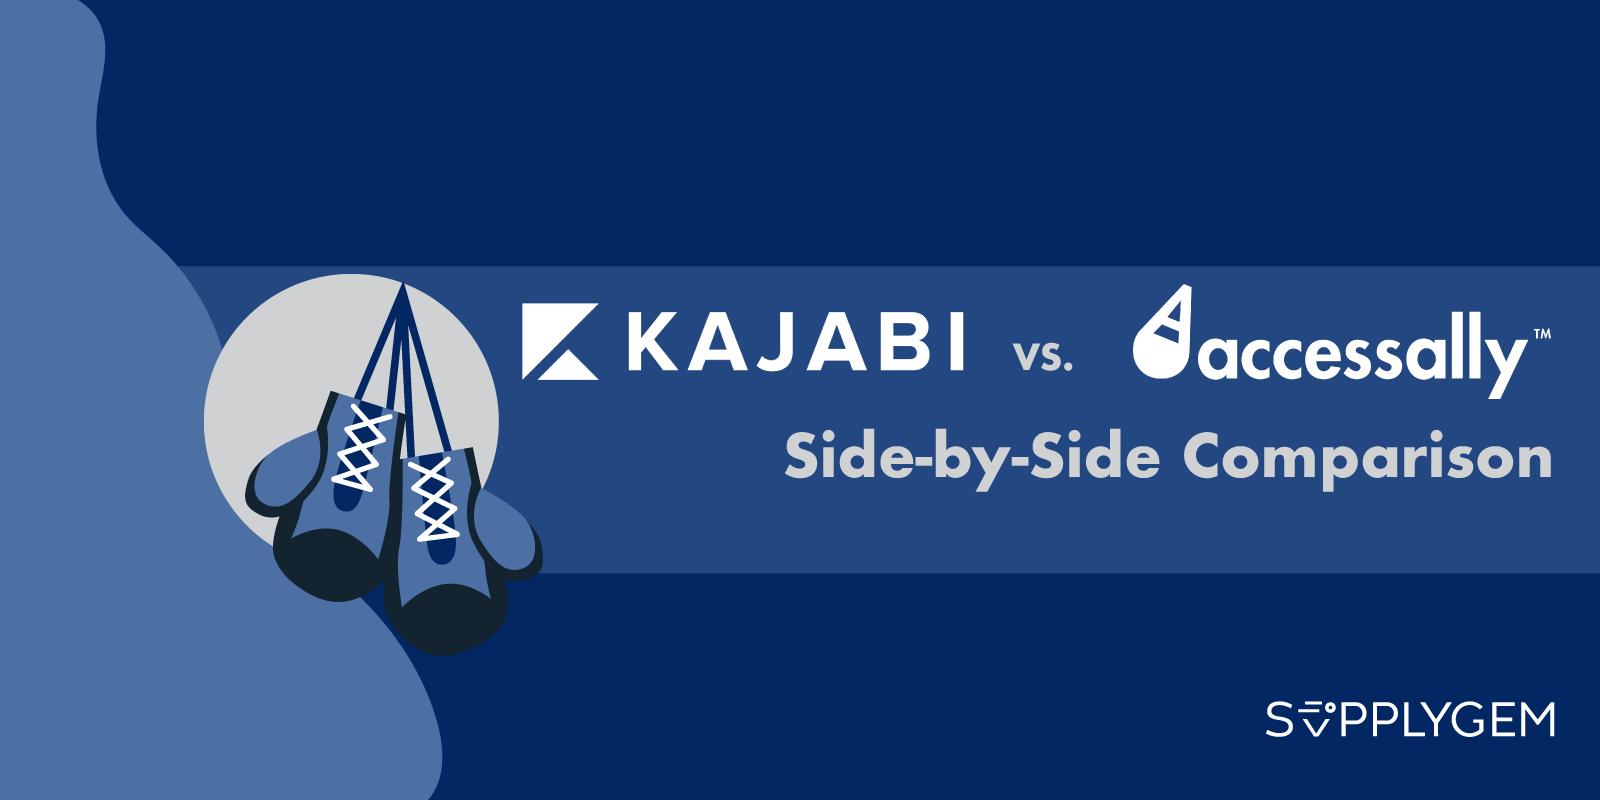 Kajabi vs. AccessAlly